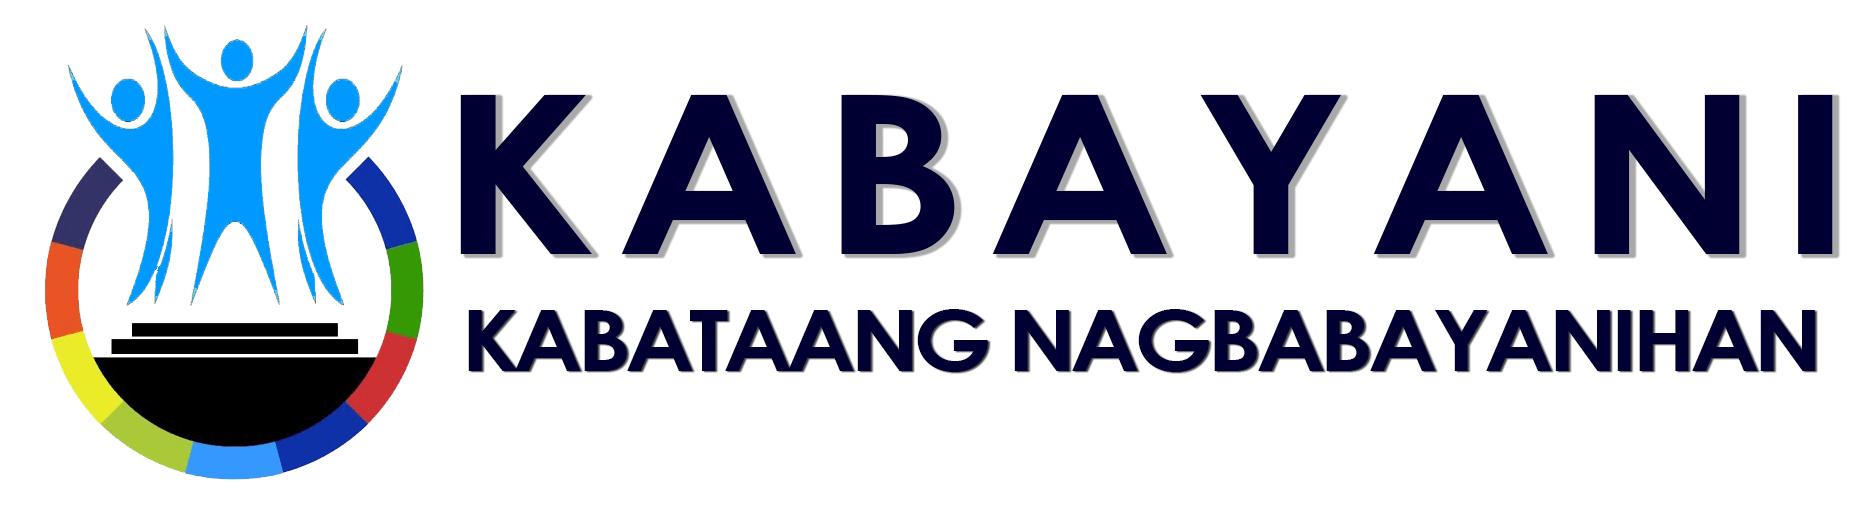 Kabayani